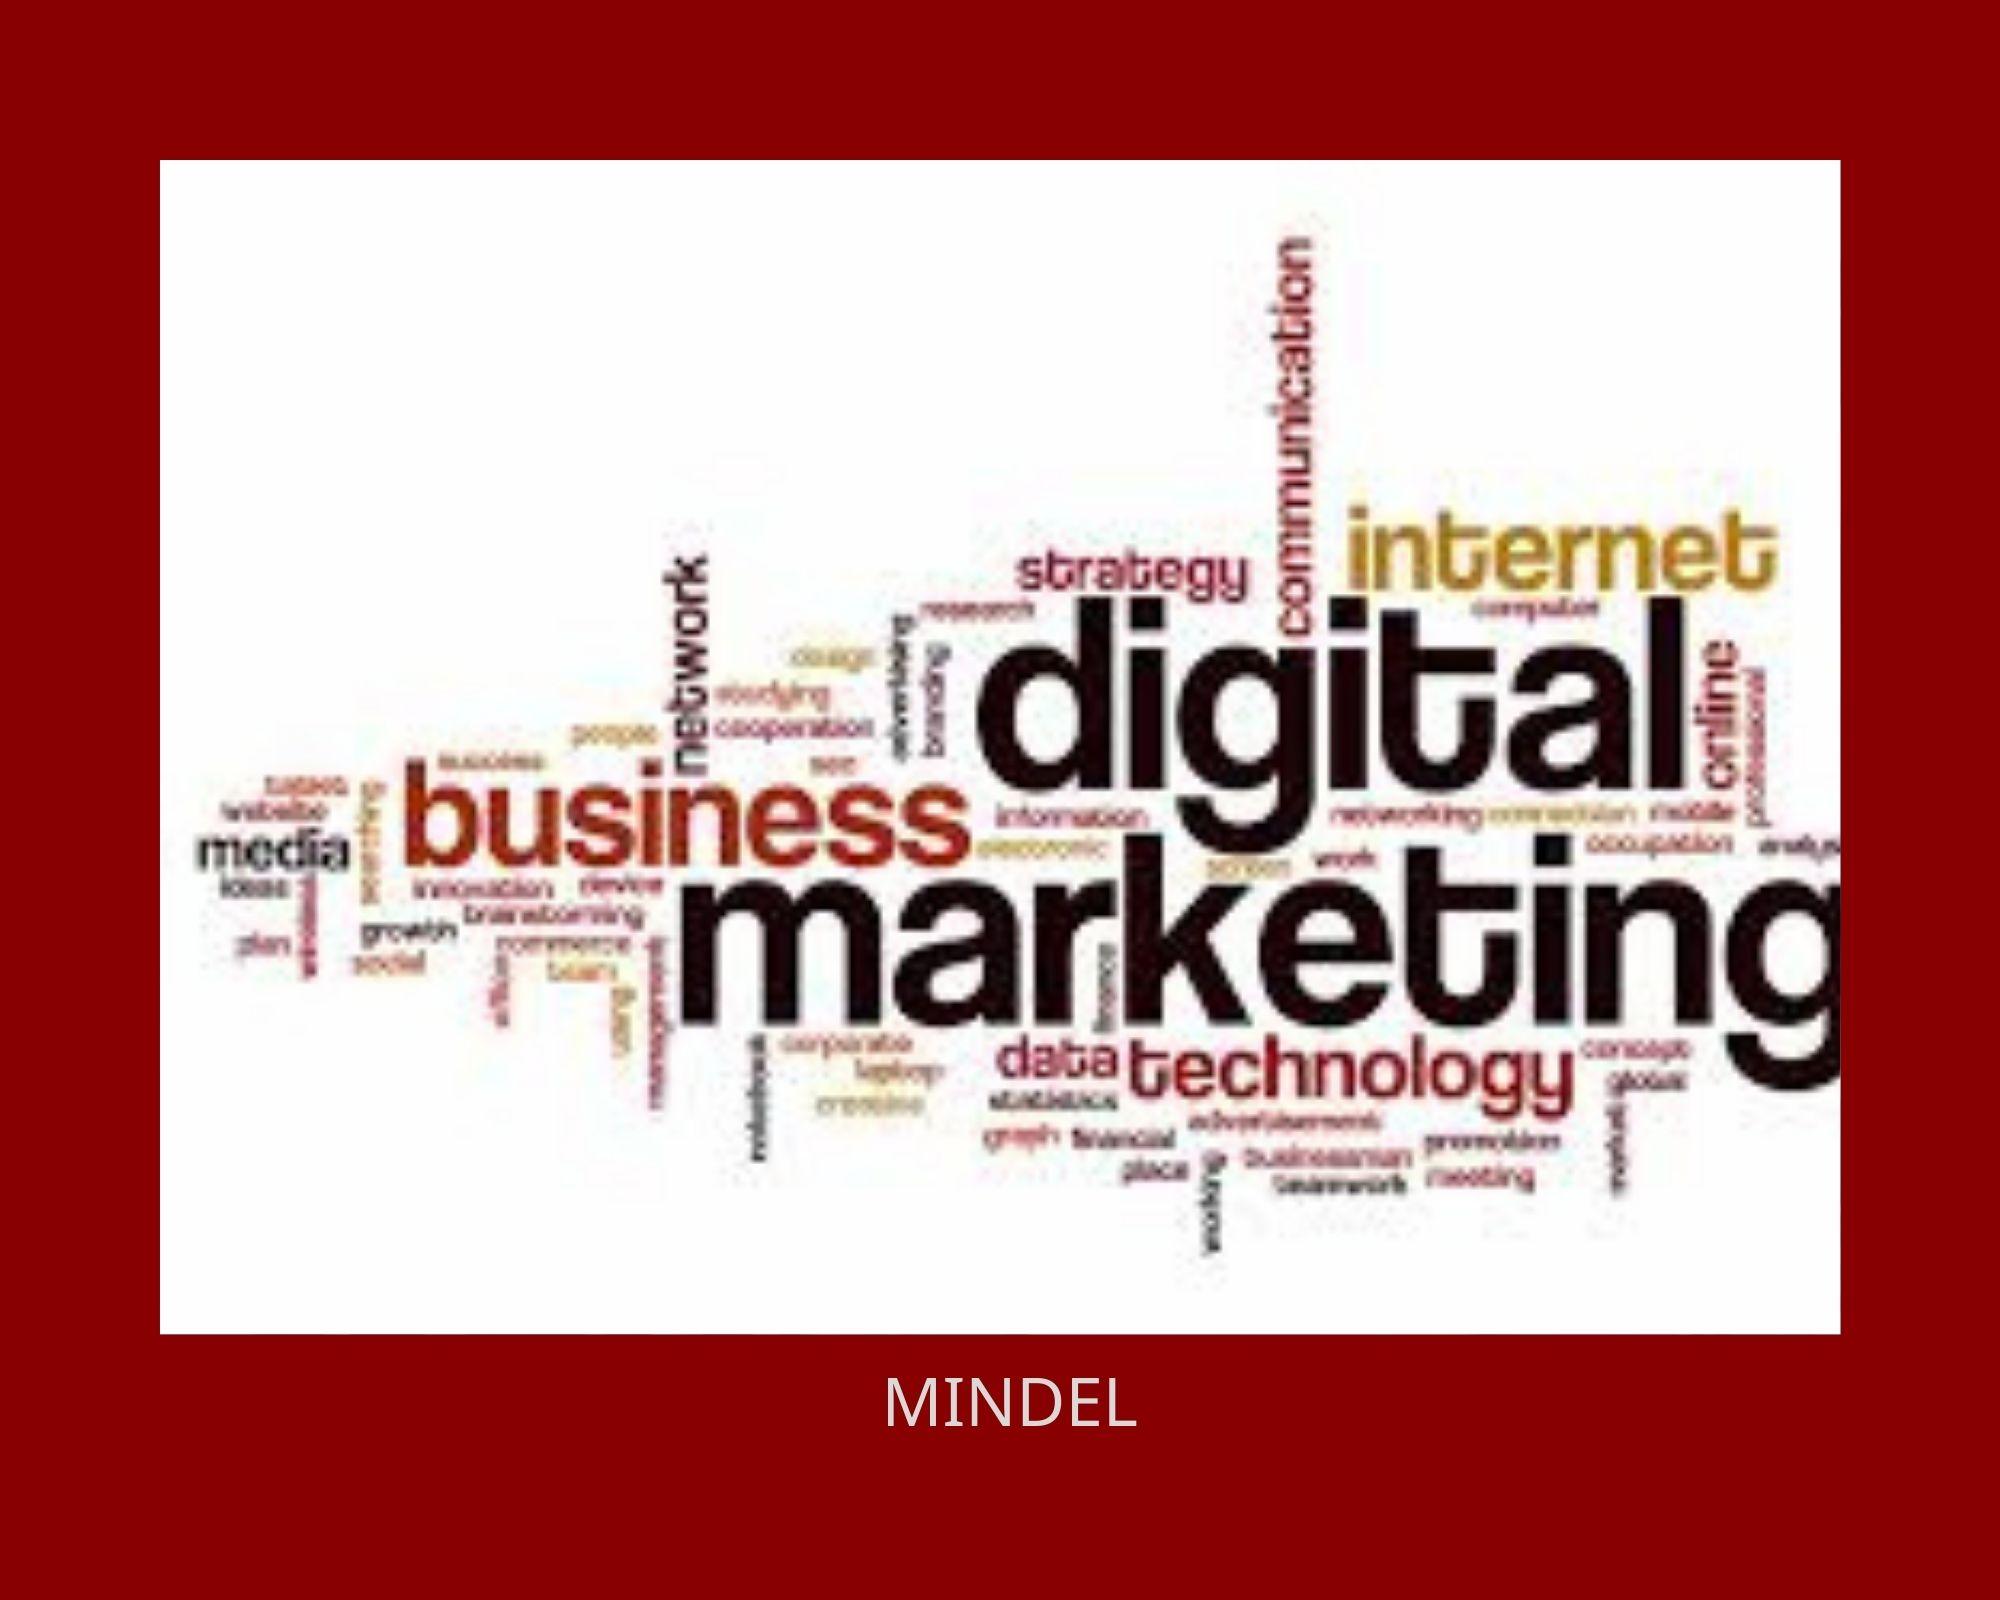 Ενίσχυση επιχειρήσεων της Περιφέρειας Βορείου Αιγαίου για τον εκσυγχρονισμό τους μέσω ΤΠΕ, συστημάτων αυτοματισμού και επενδύσεων ηλεκτρονικού εμπορίου (ηλεκτρονικό επιχειρείν ή digital marketing)